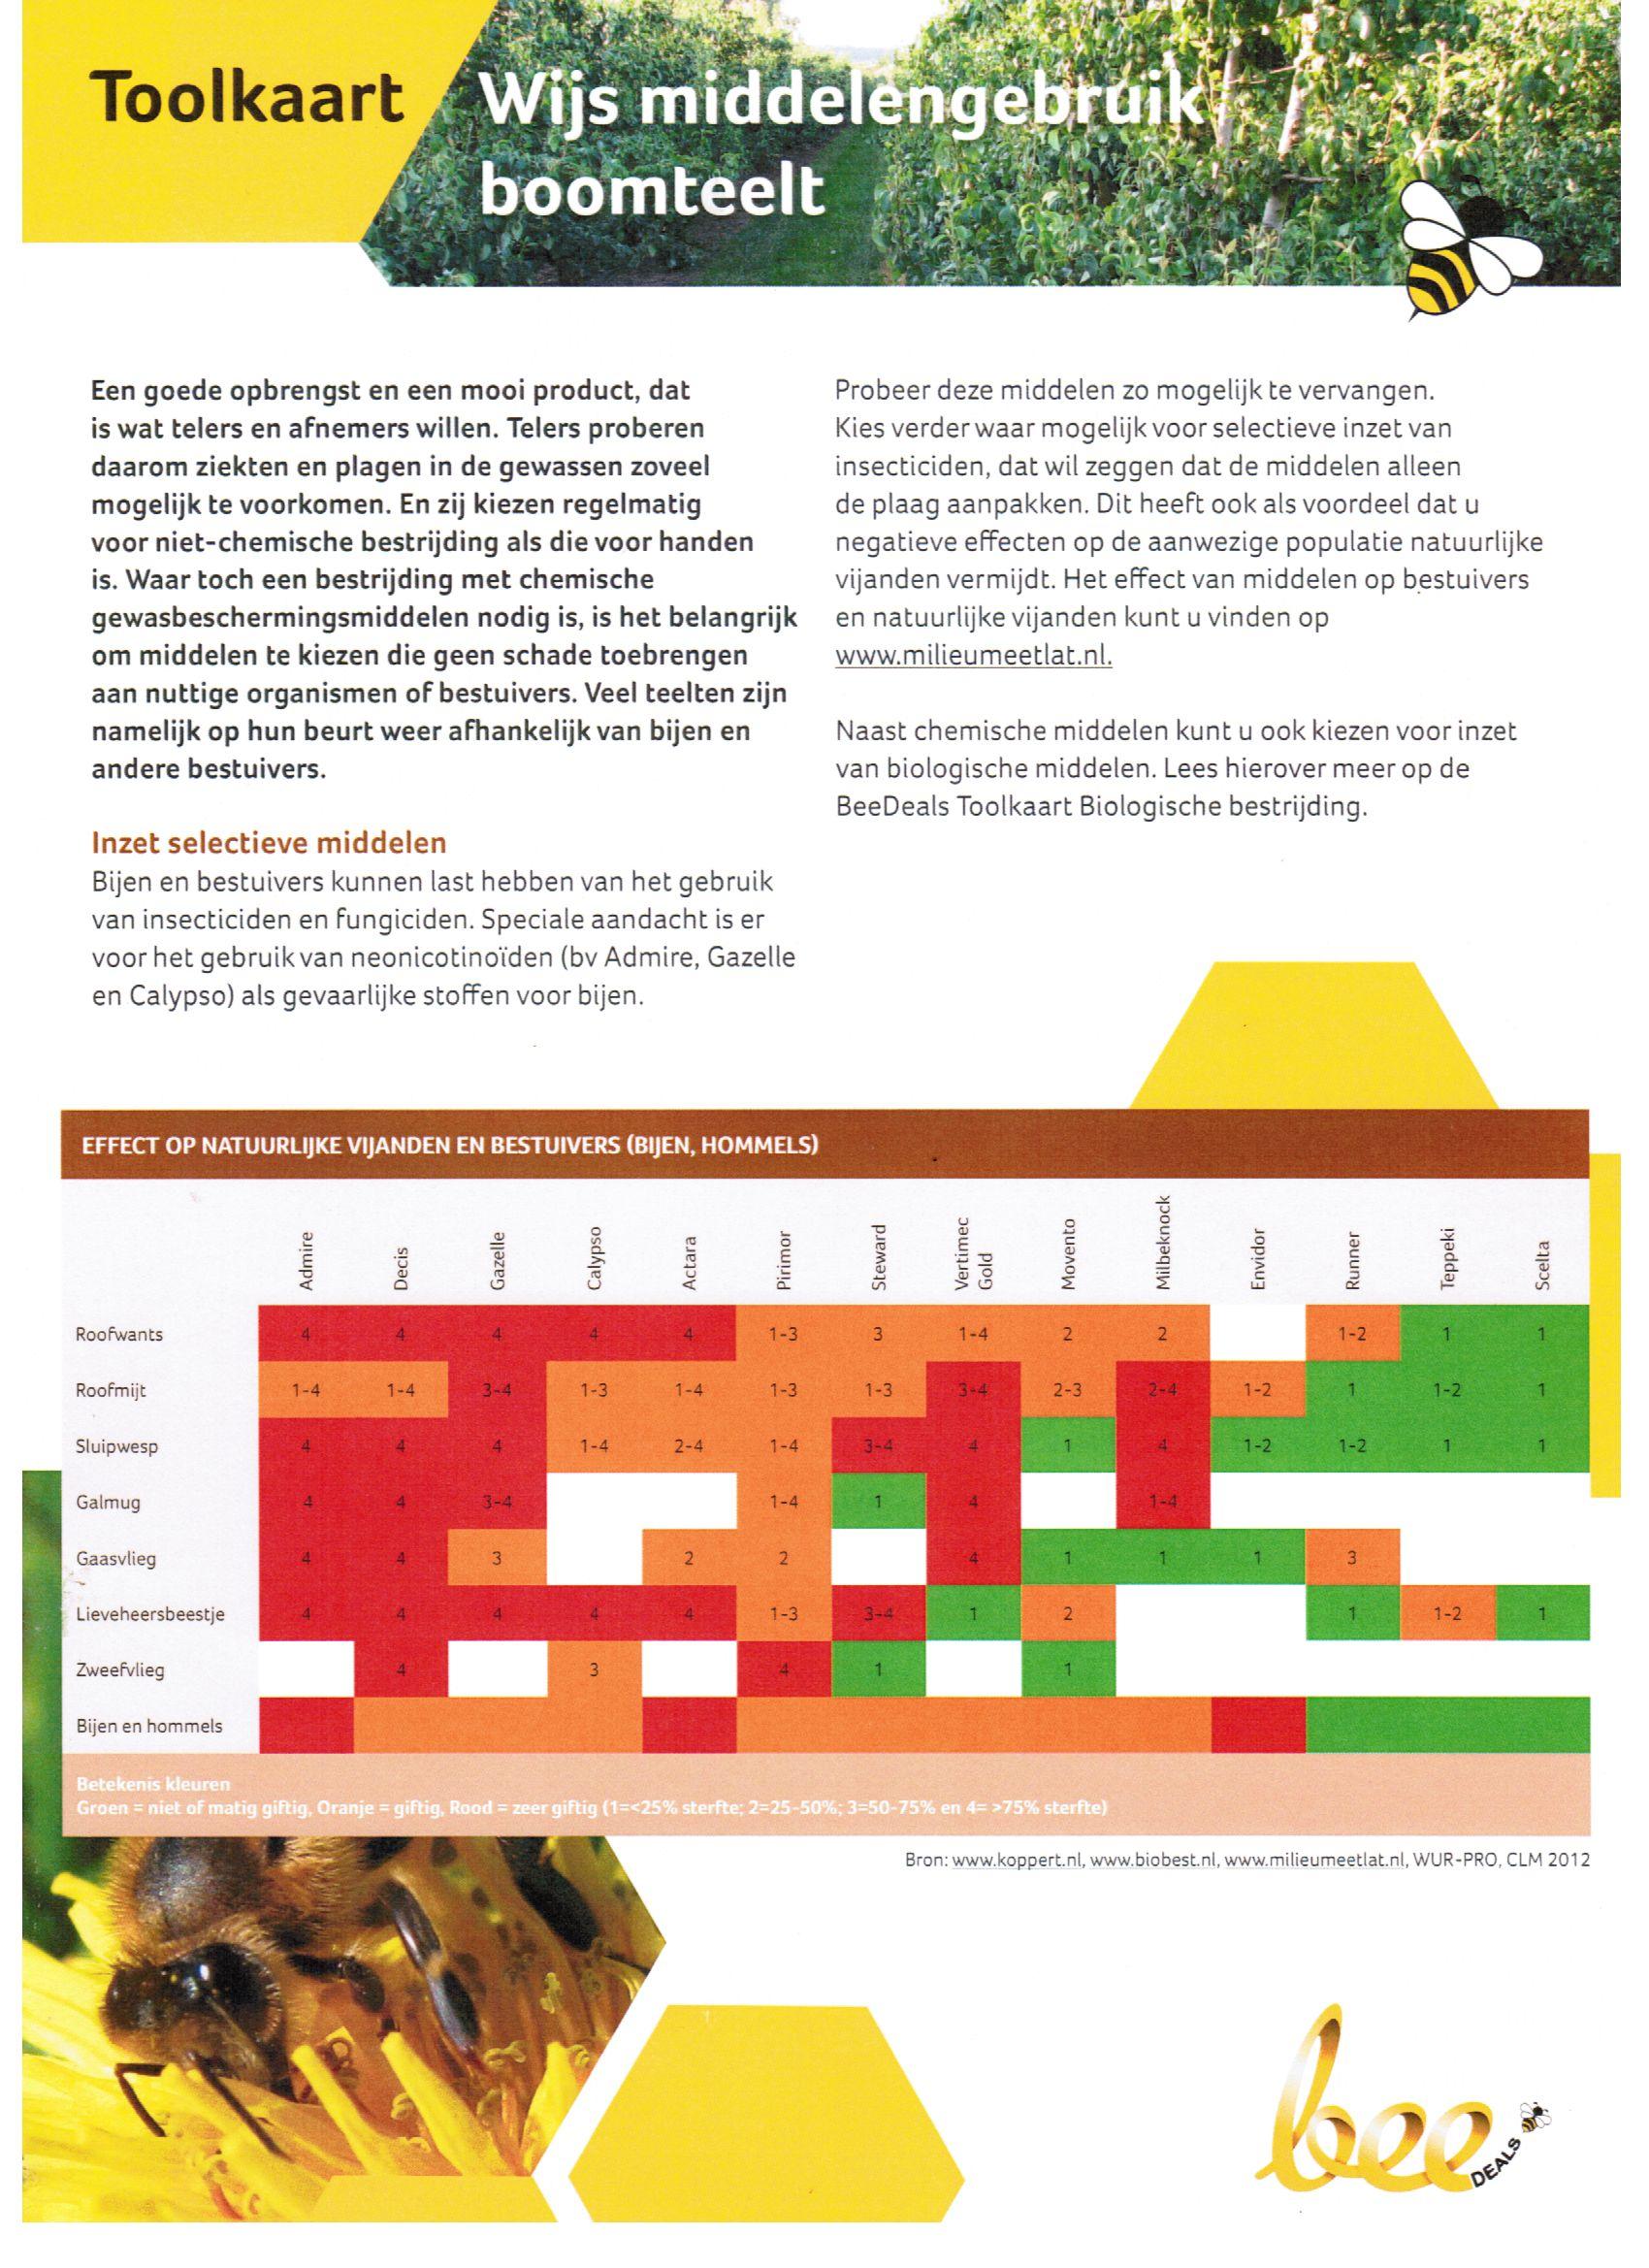 Toolkaart Wijs middelengebruik boomteelt CLM